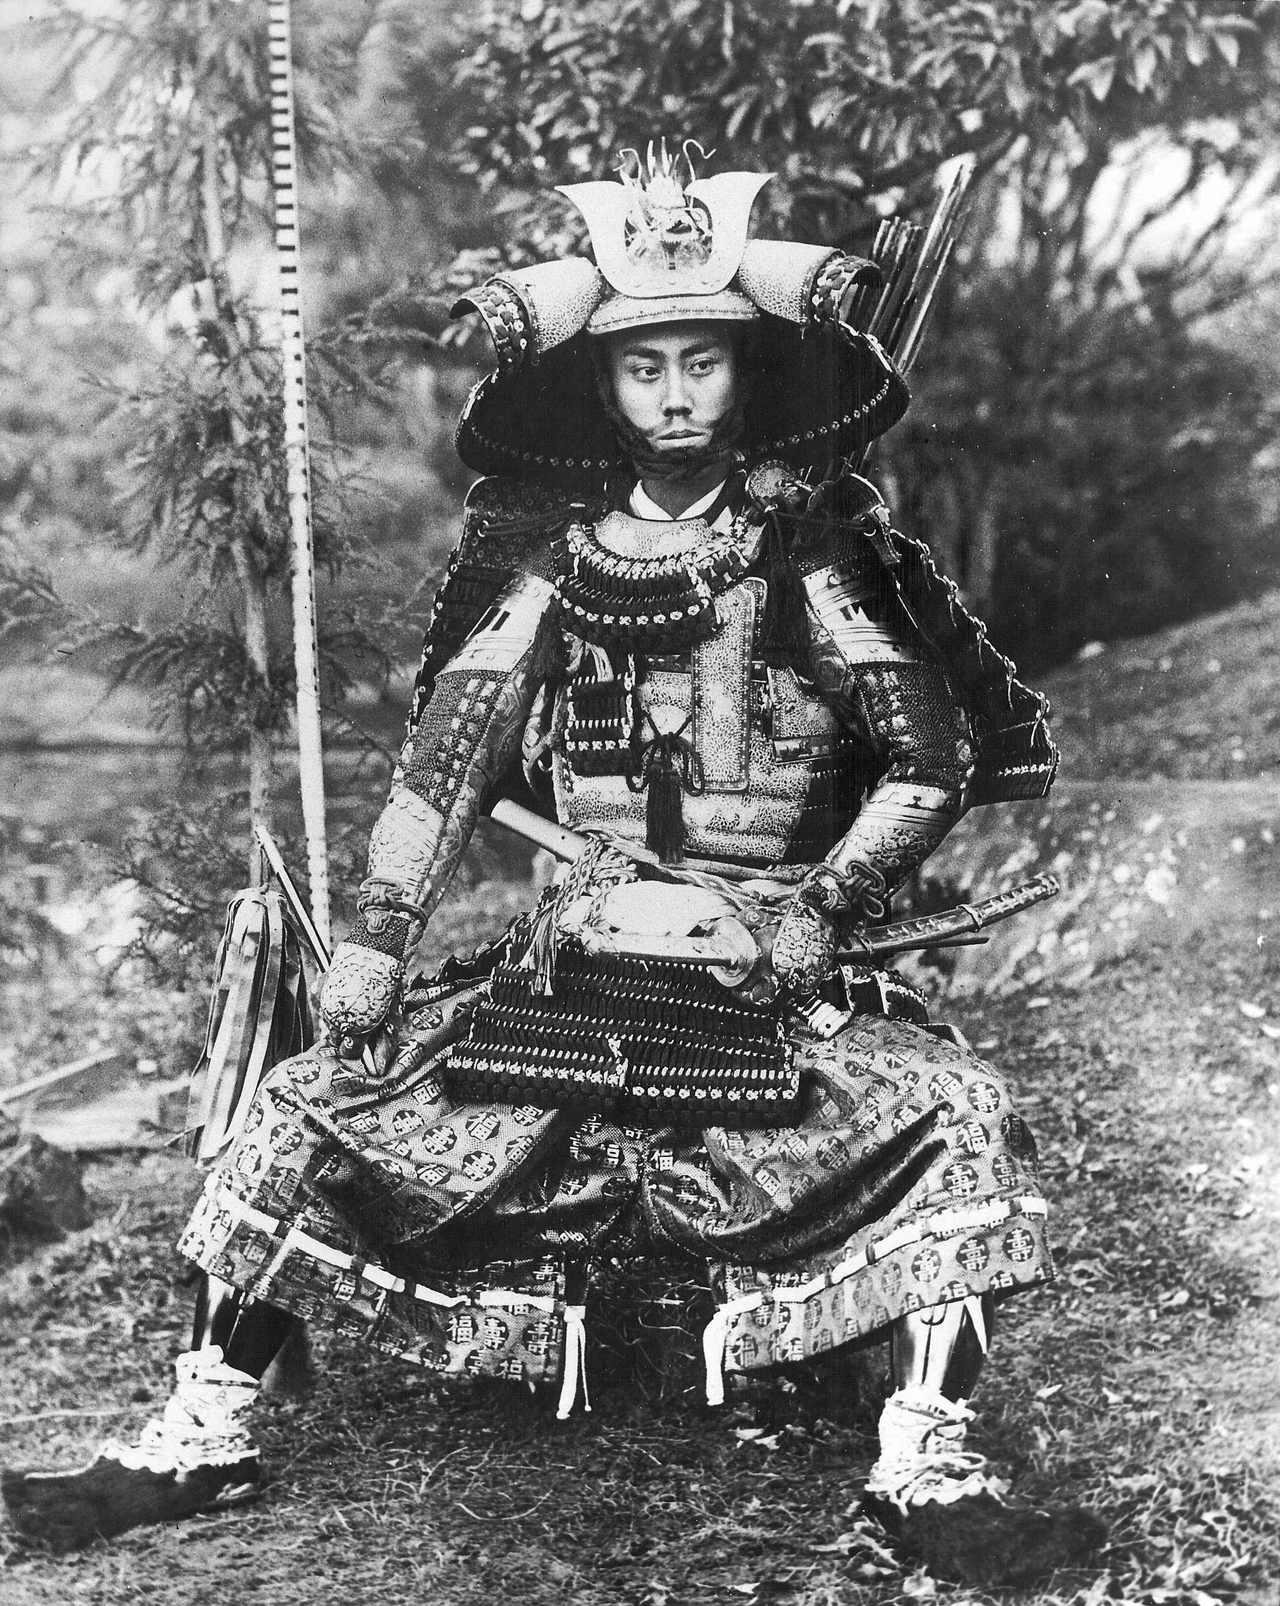 Toshiro Mifune, Samurai with armor